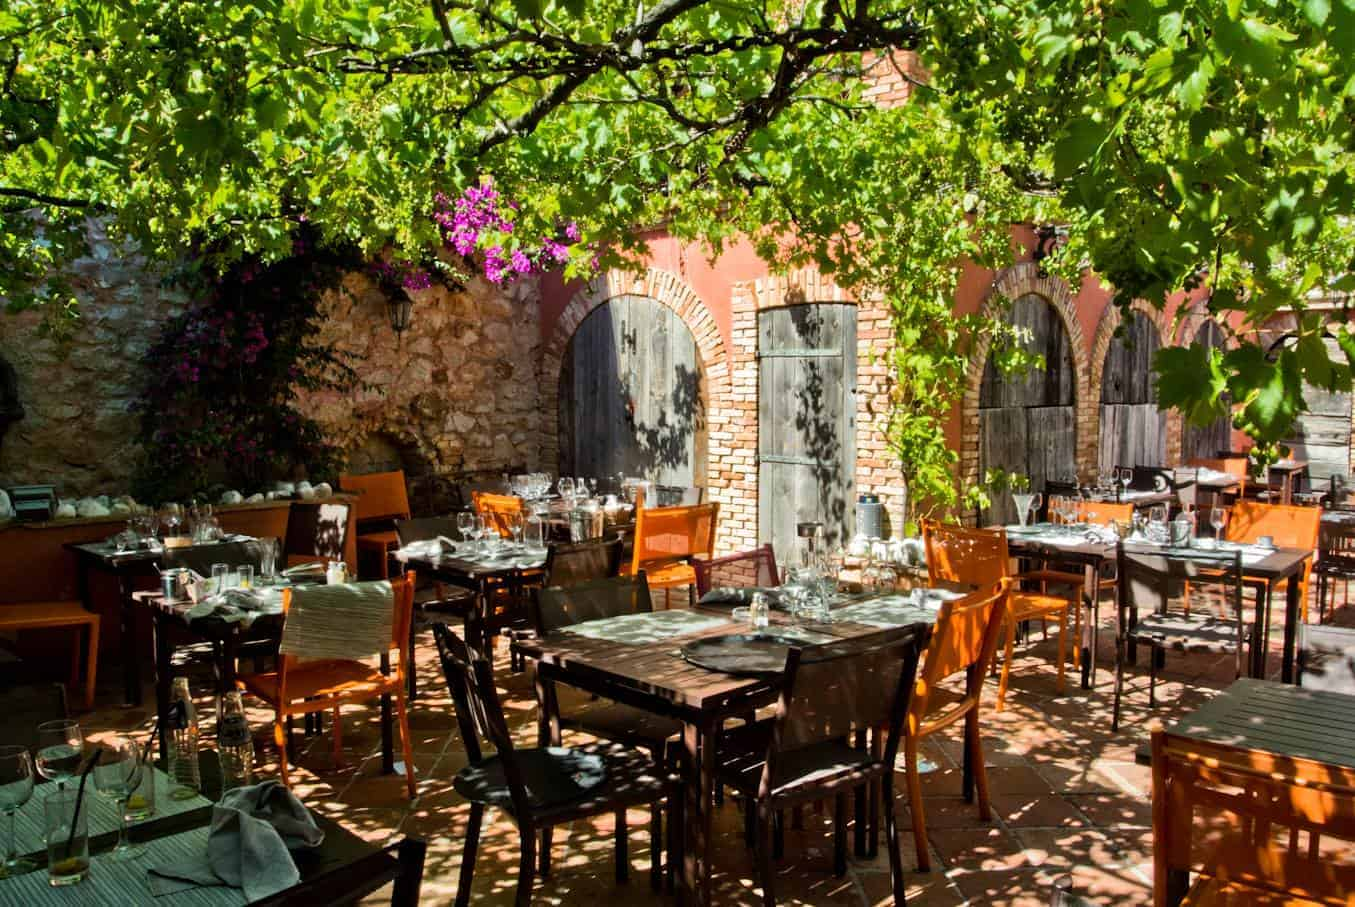 Les meilleurs restaurants marseille avec patio ou - Restaurant le jardin marseille ...